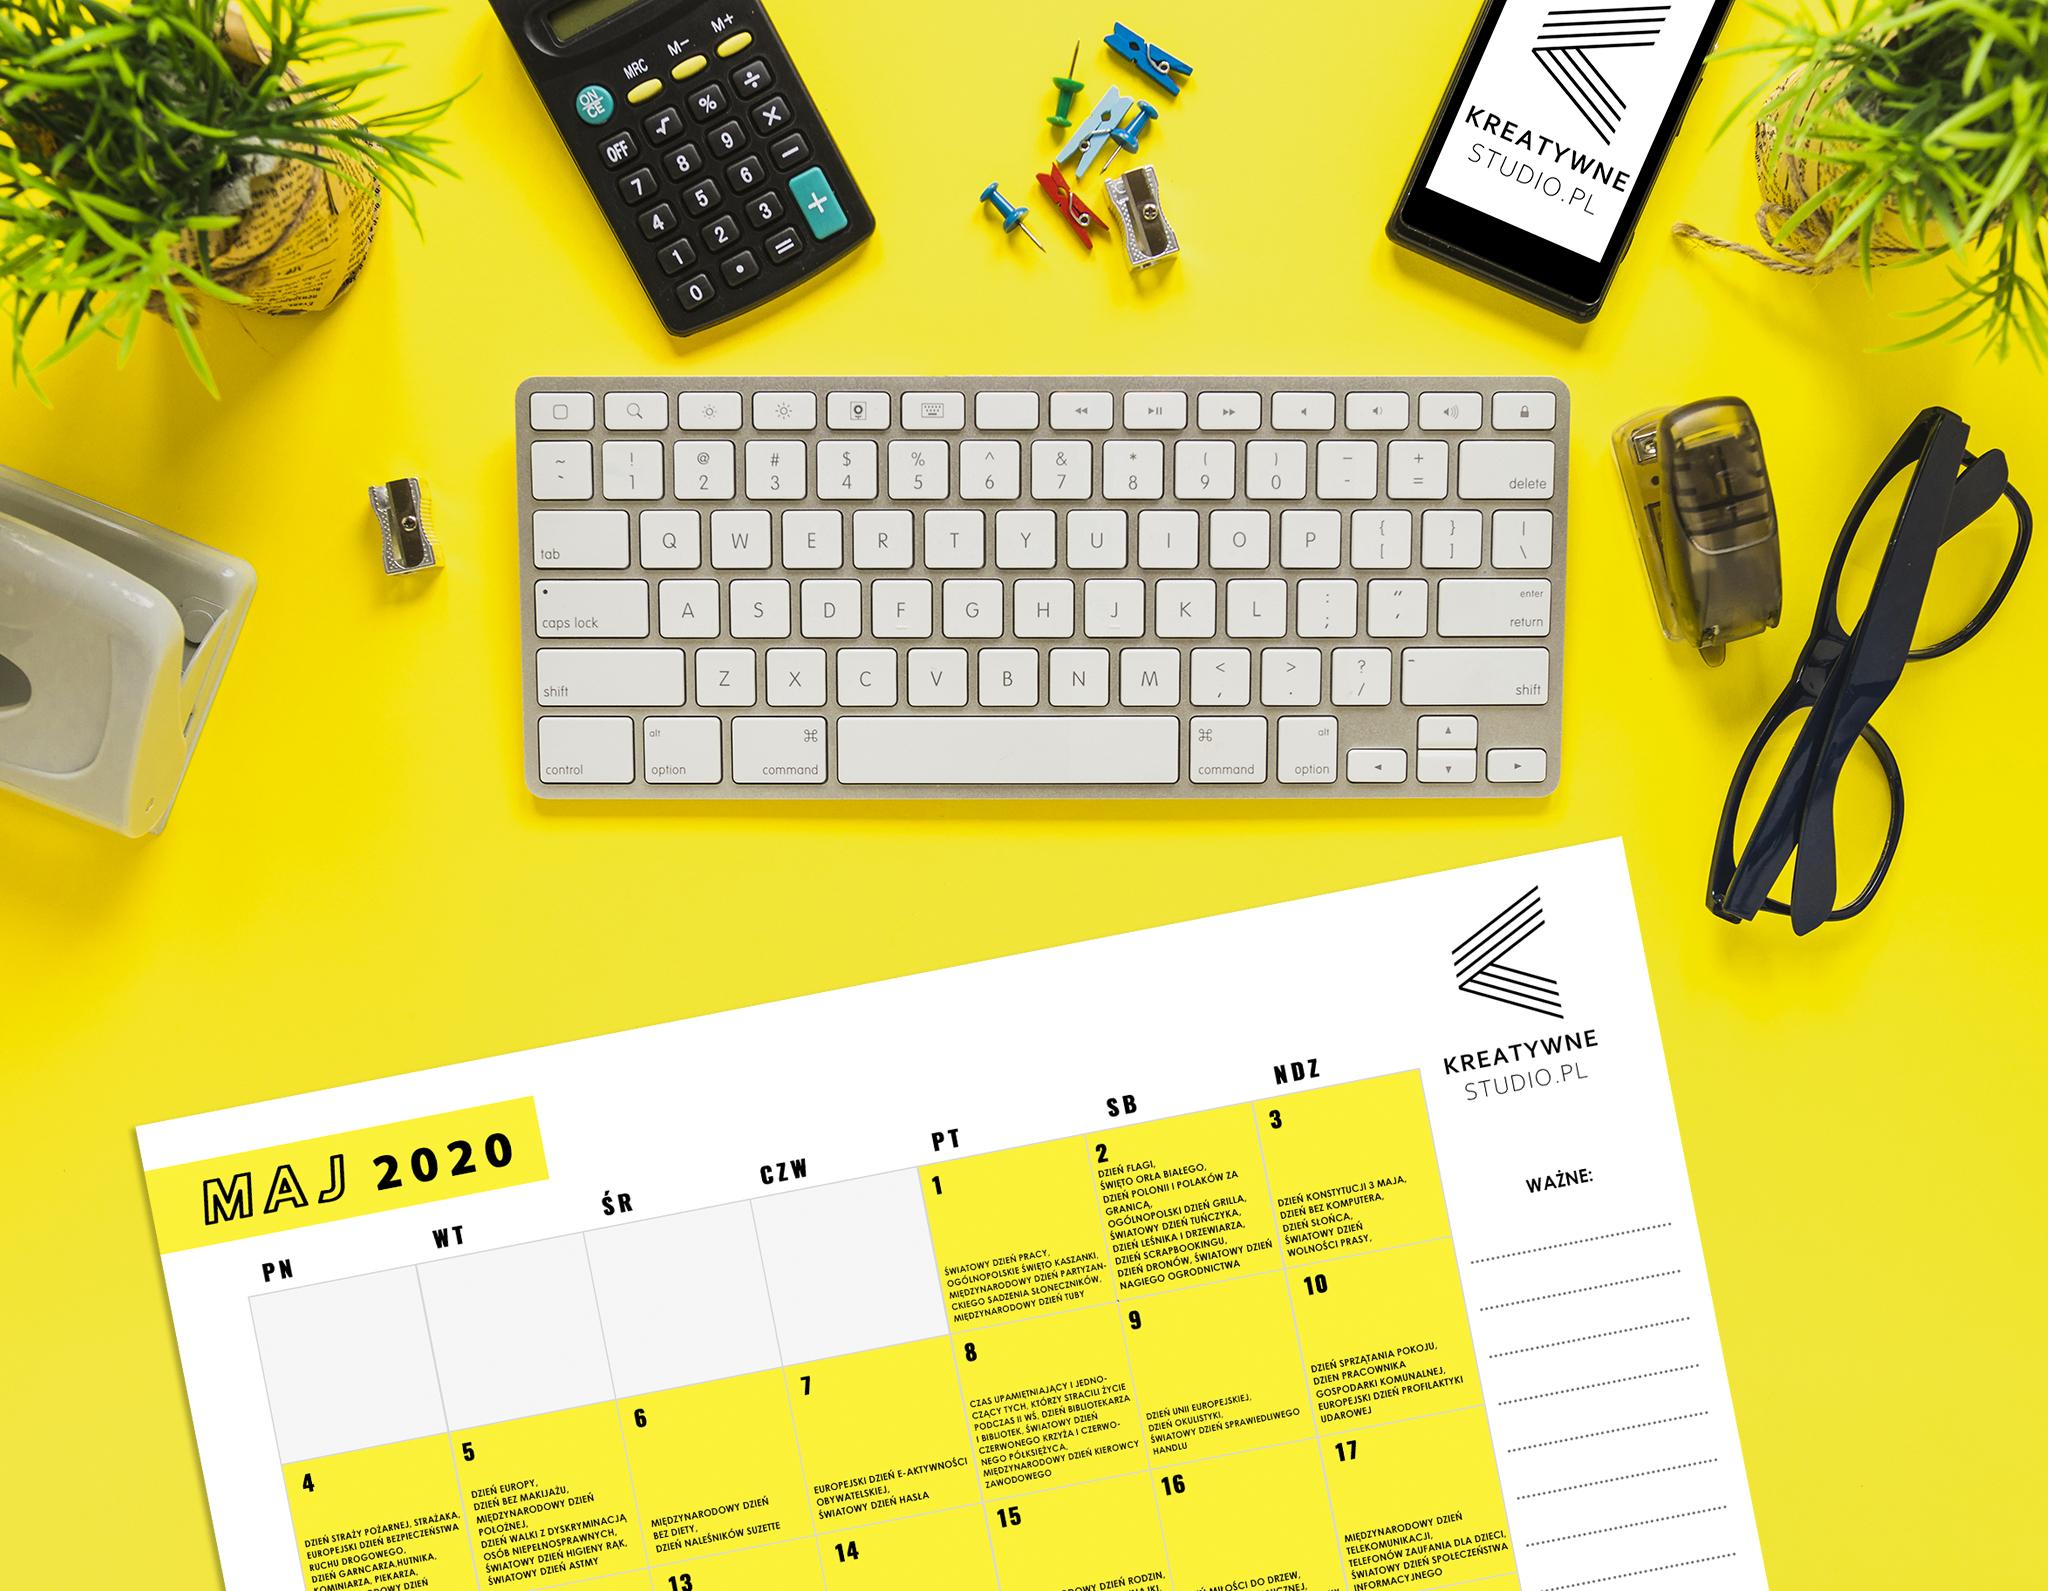 darmowy kalendarz świąt maj